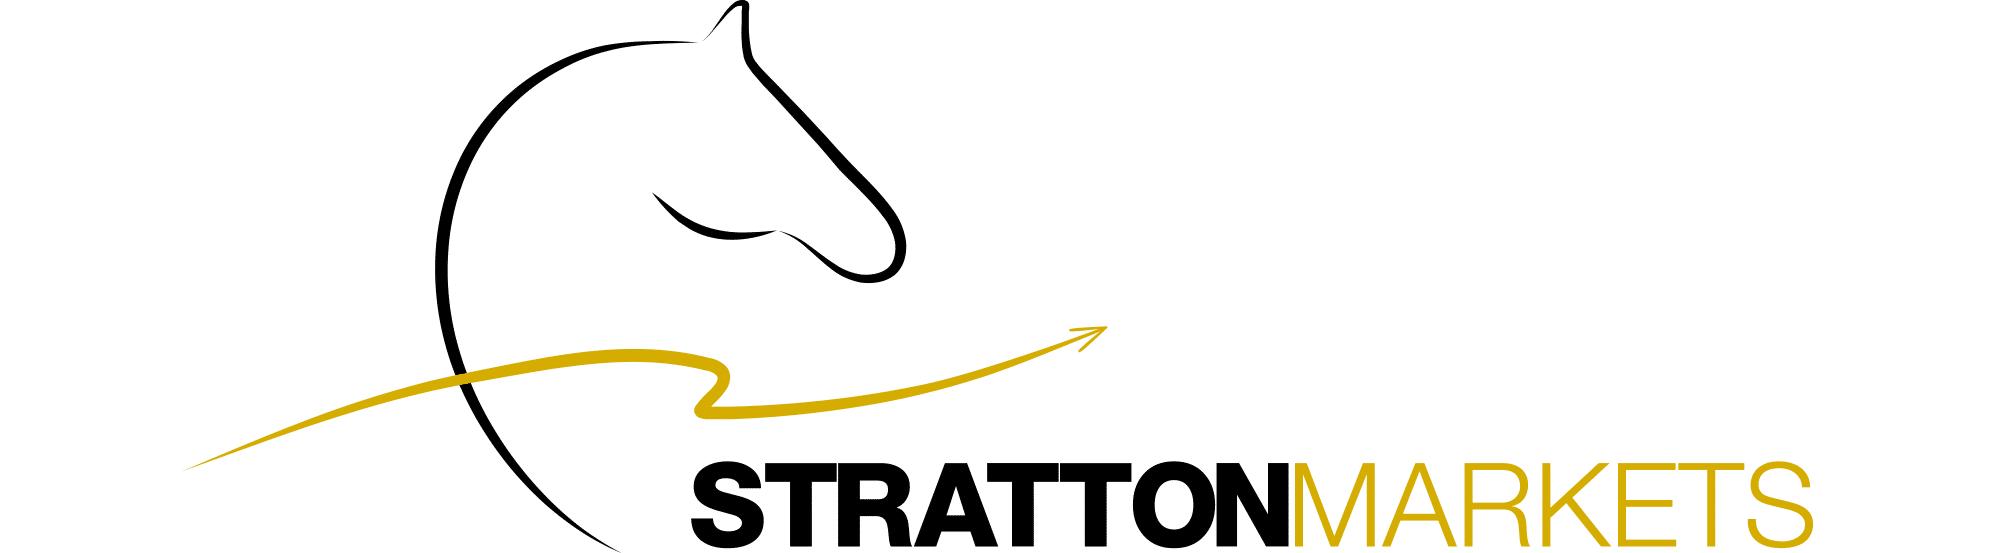 Stratton Markets Logo